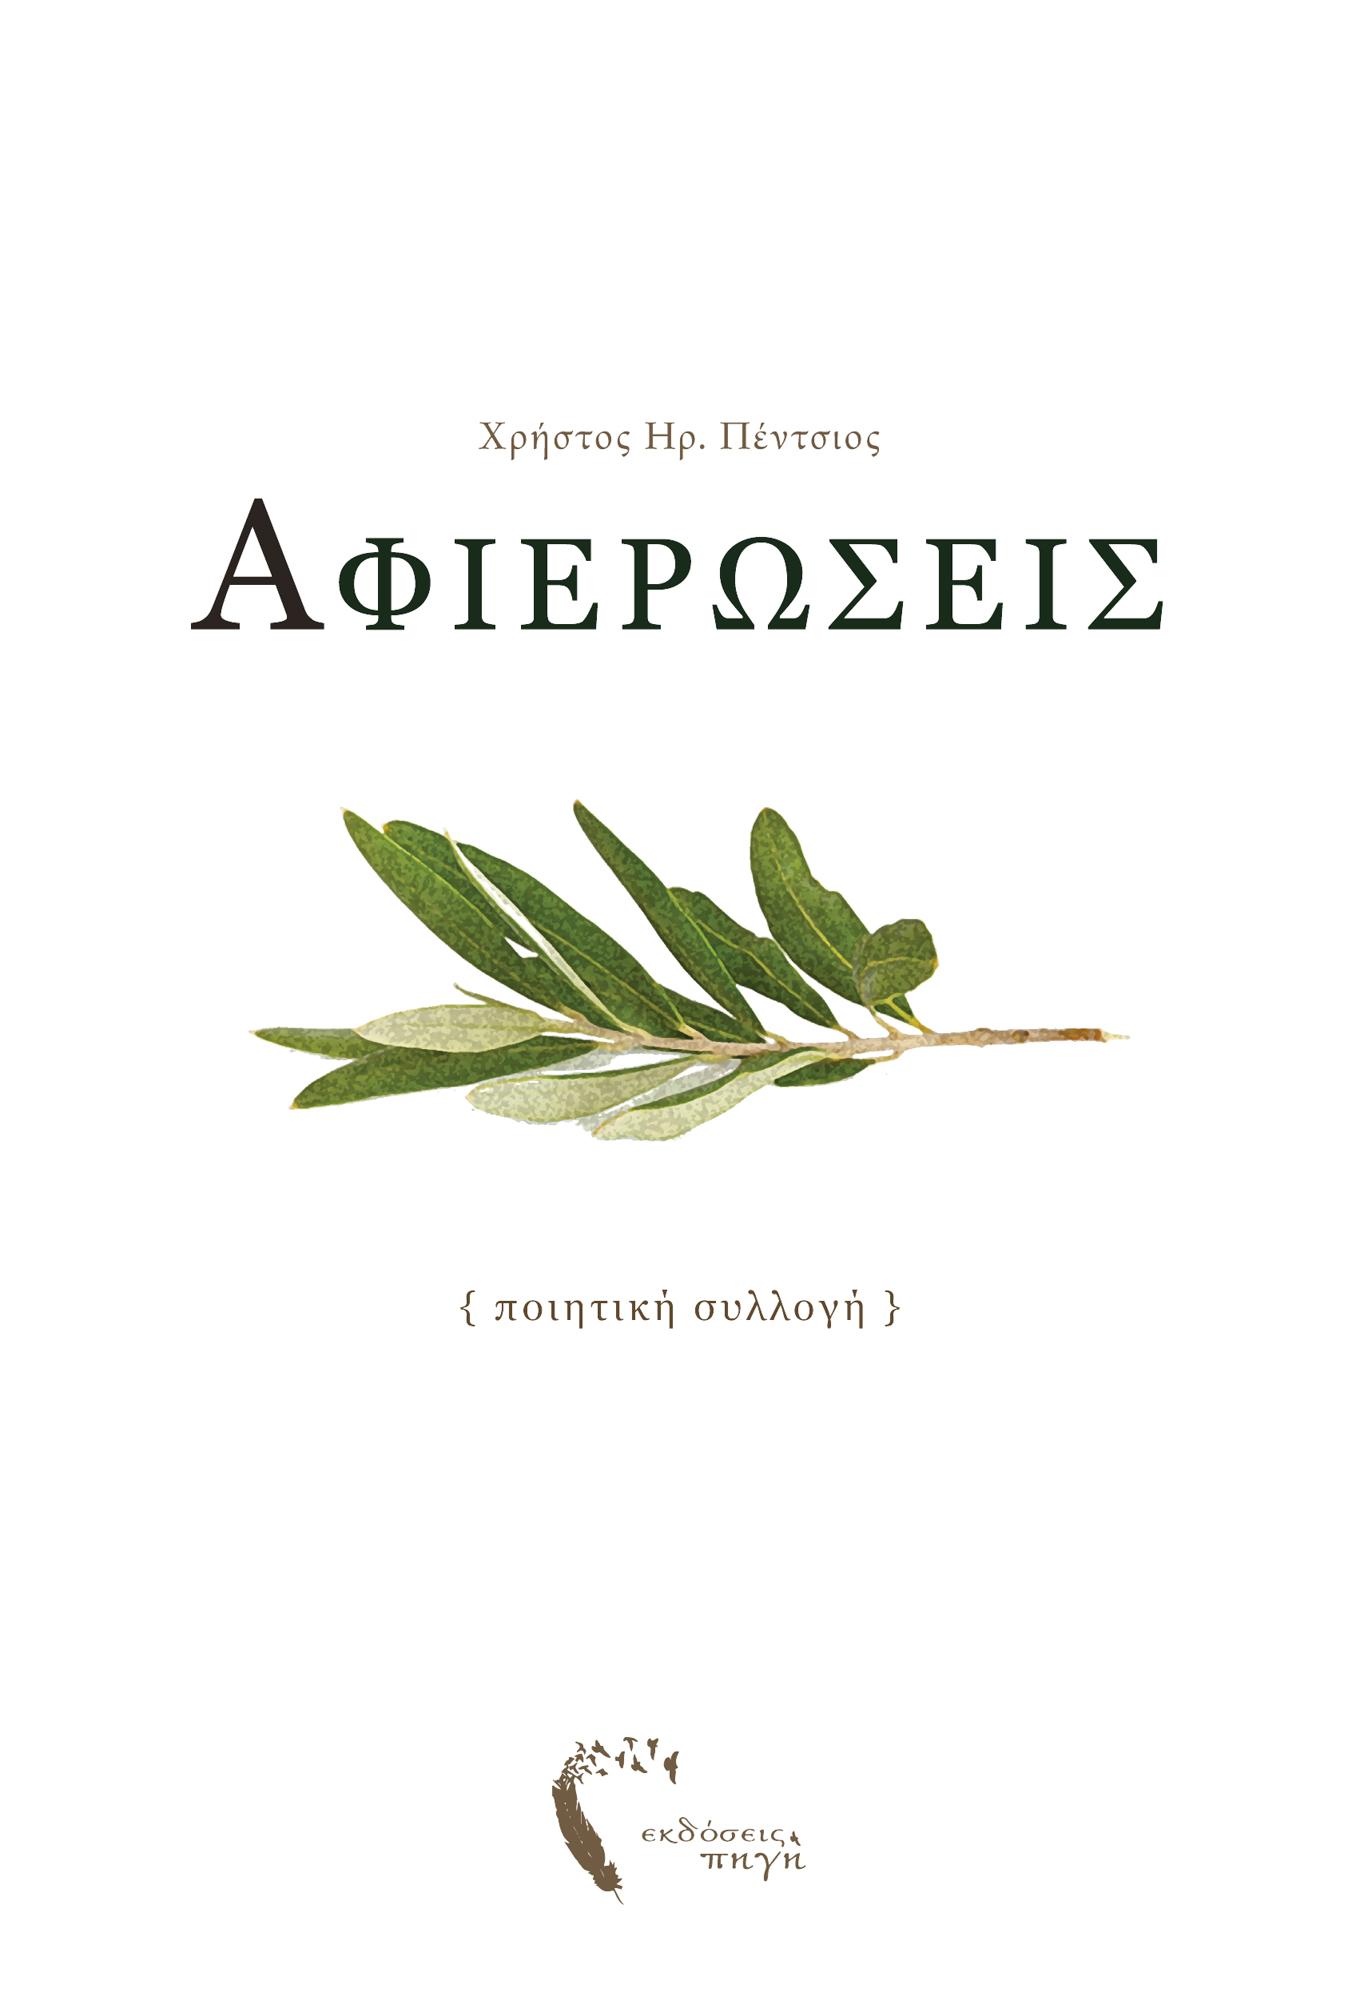 Αφιερώσεις, Χρήστος Ηρ. Πέντσιος, Εκδόσεις Πηγή - www.pigi.gr